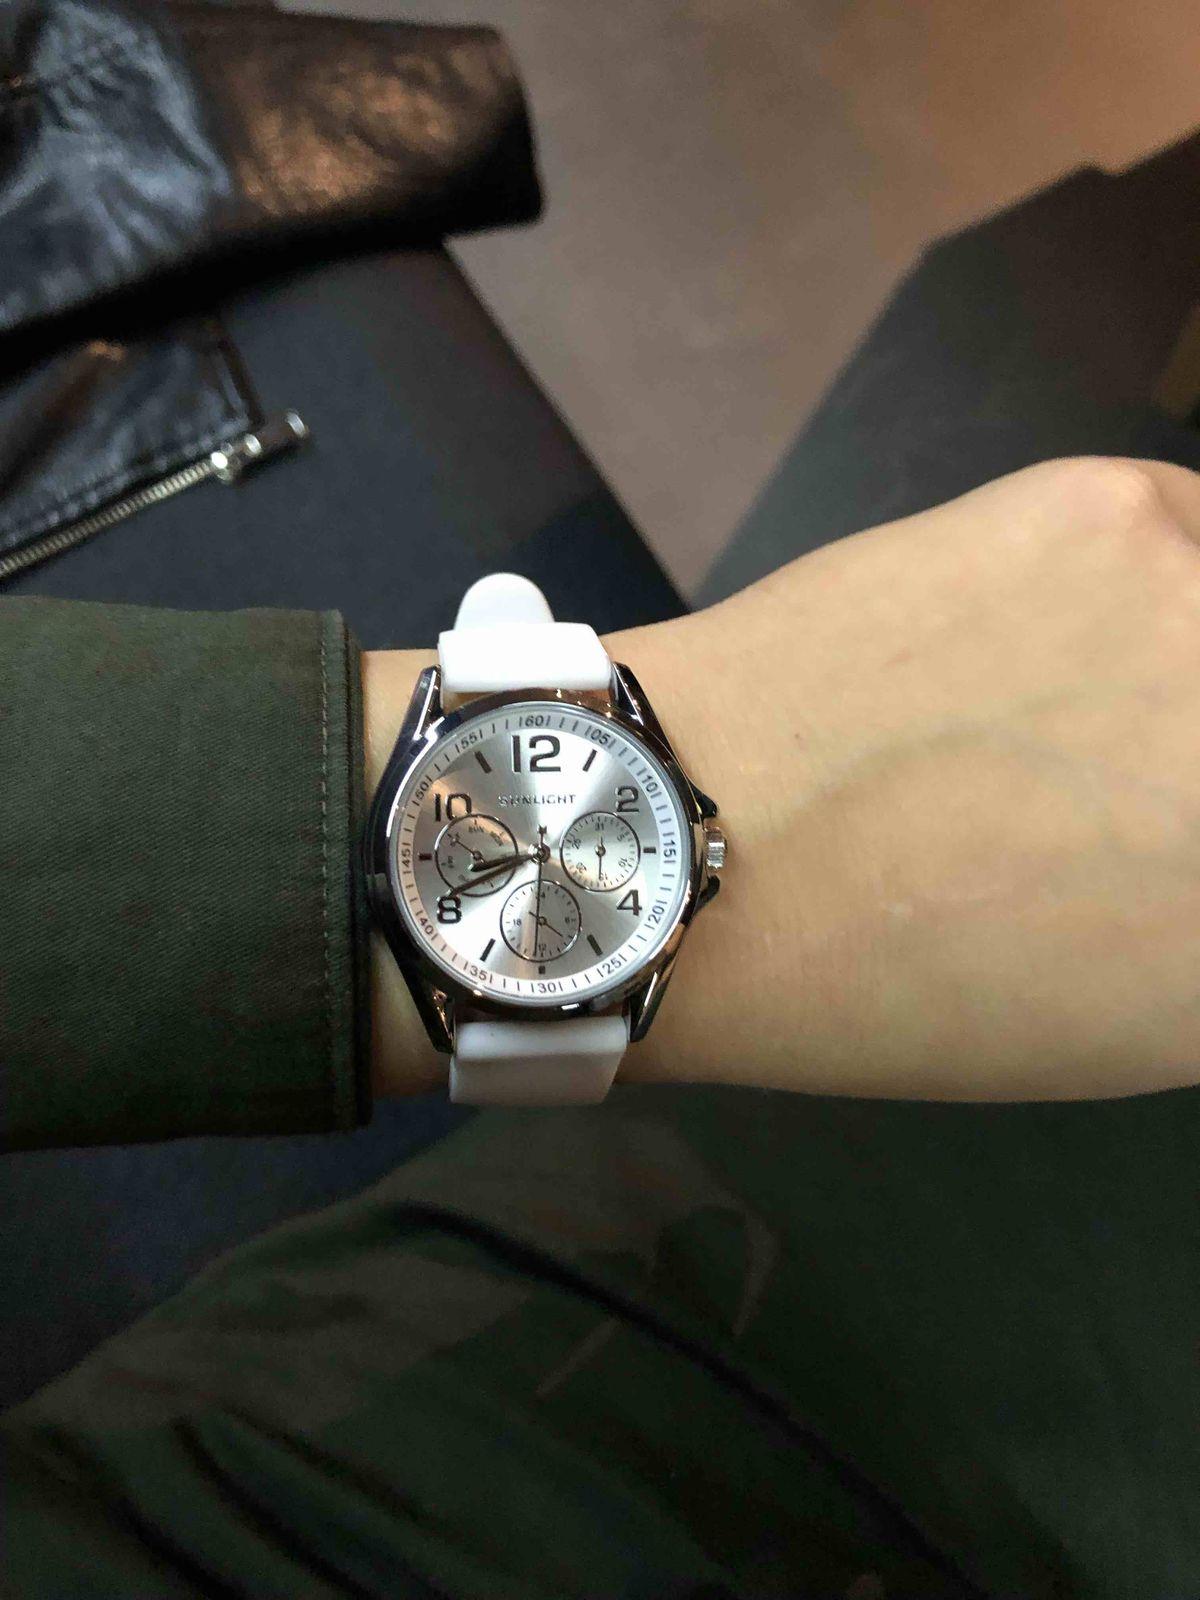 Я влюбилась в эти часы